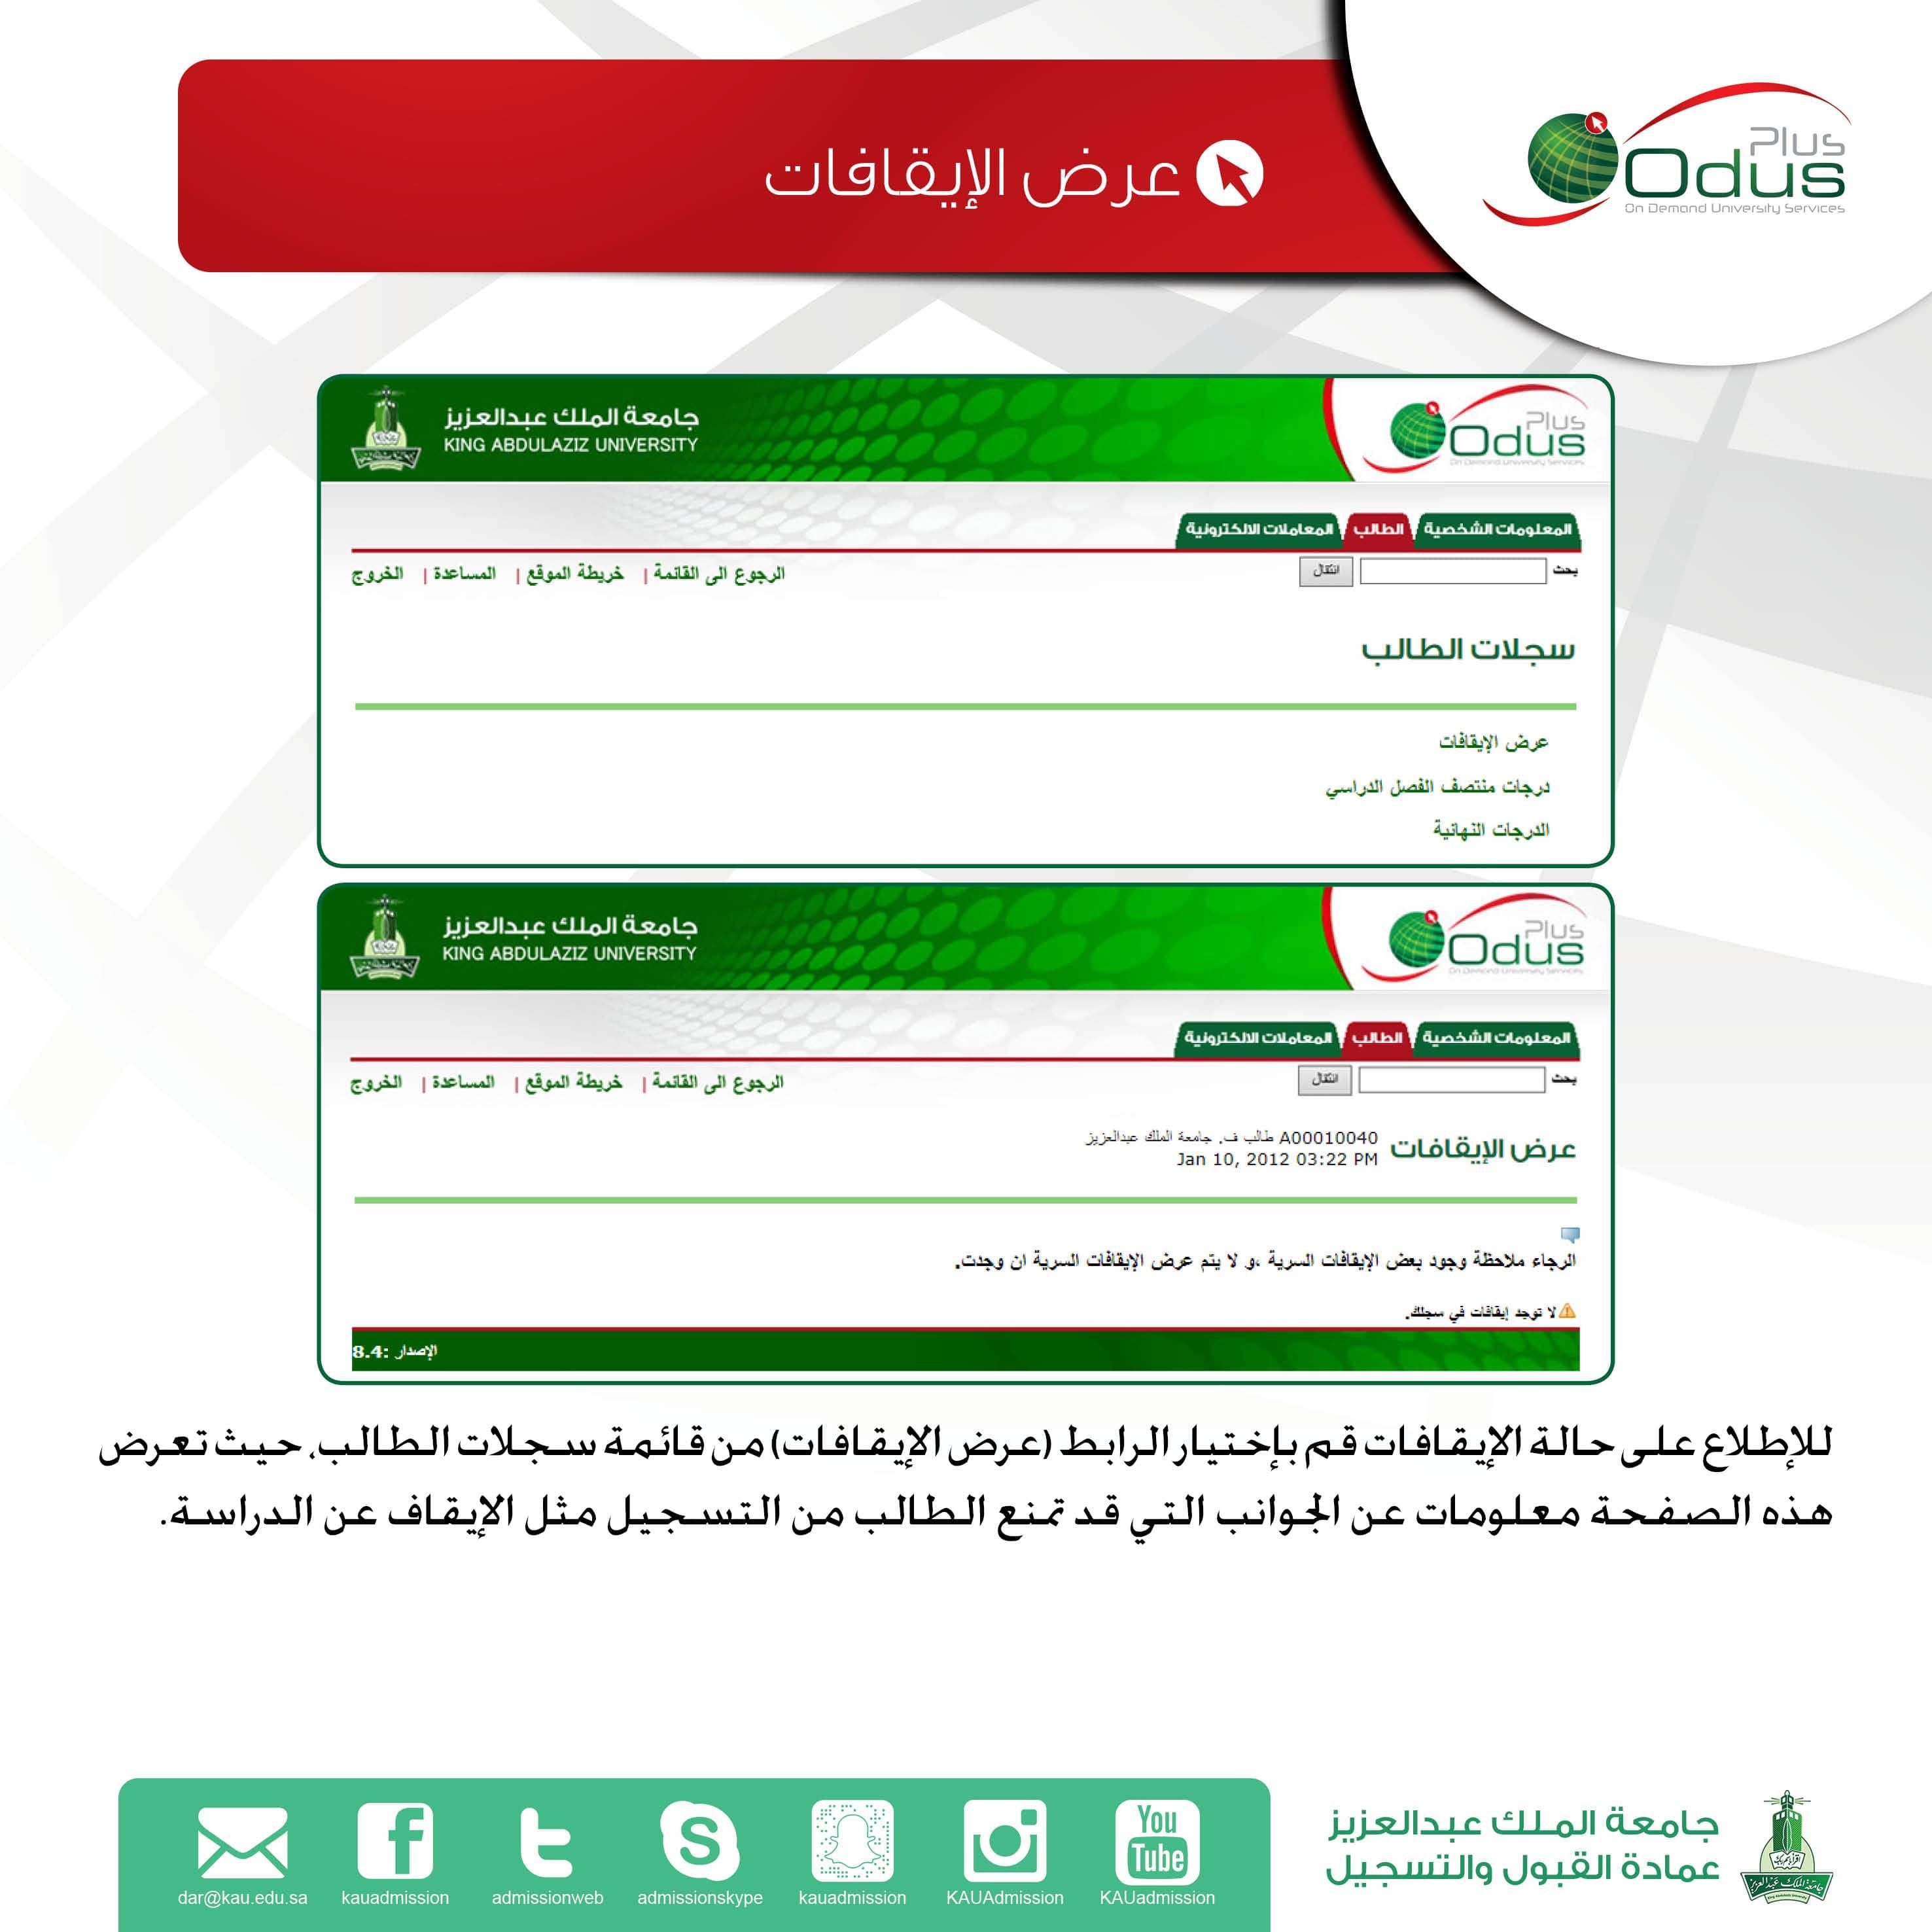 عمادة القبول والتسجيل طريقة استخدام نظام Odus Plus